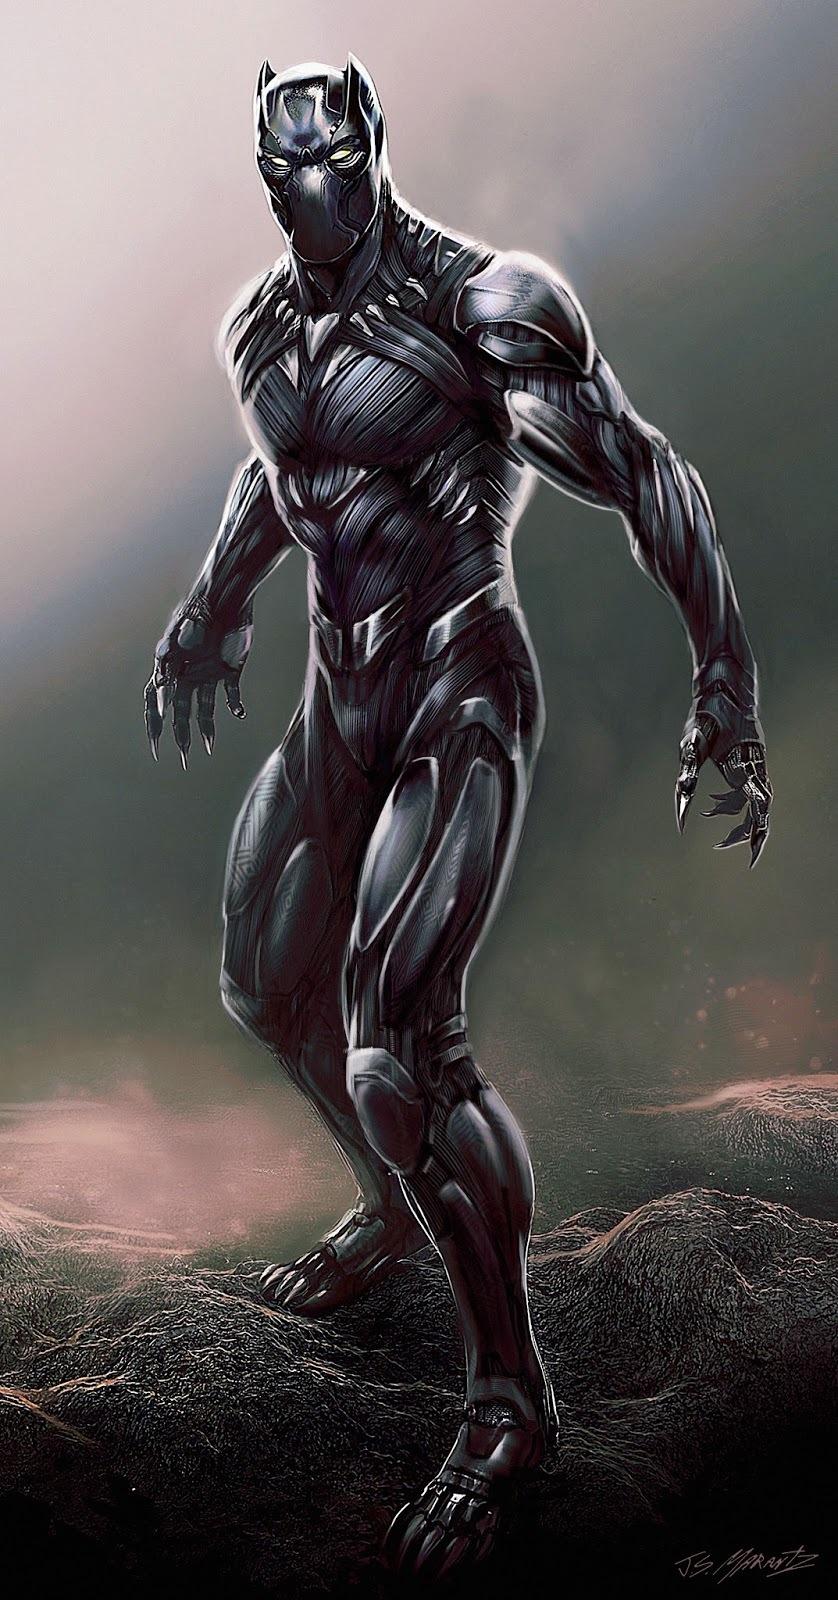 Хто такий Чорна Пантера?